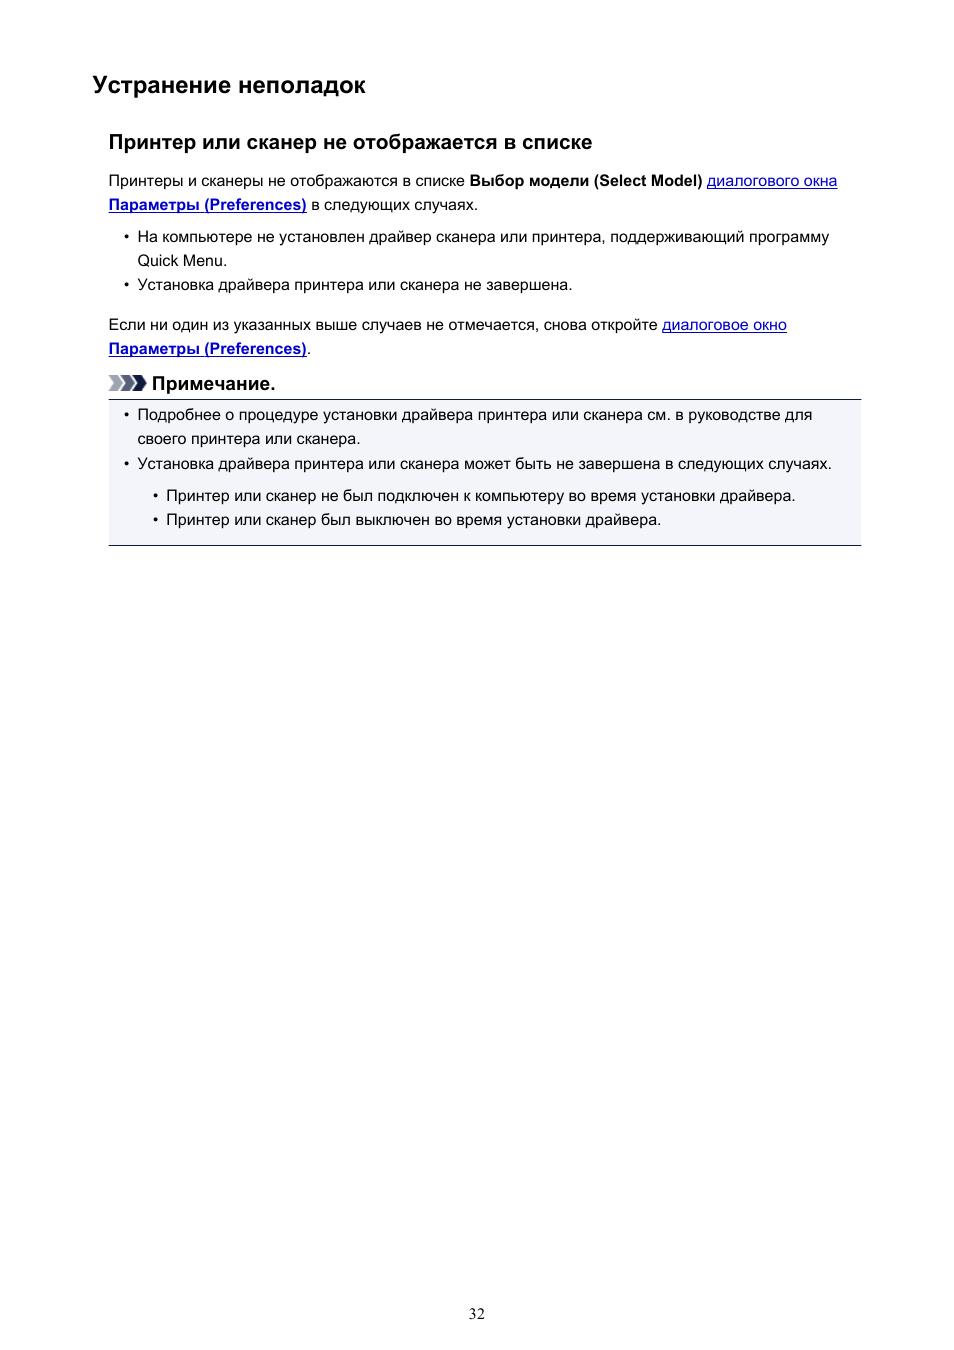 Драйвер поддерживающий solution menu ex не установлен